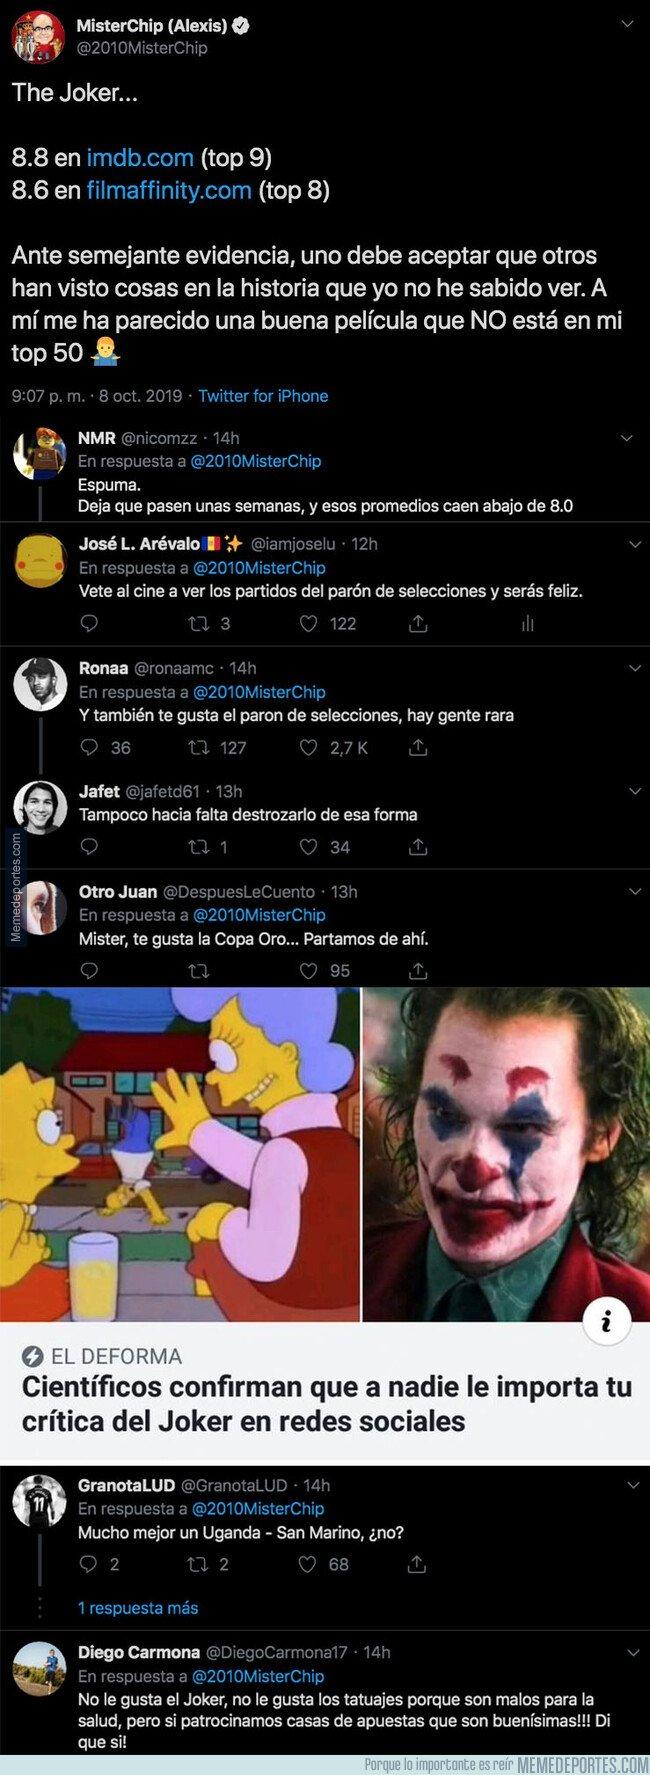 1088023 - Misterchip hace una crítica de la película Joker y la gente le destroza en las respuestas por lo que escribió